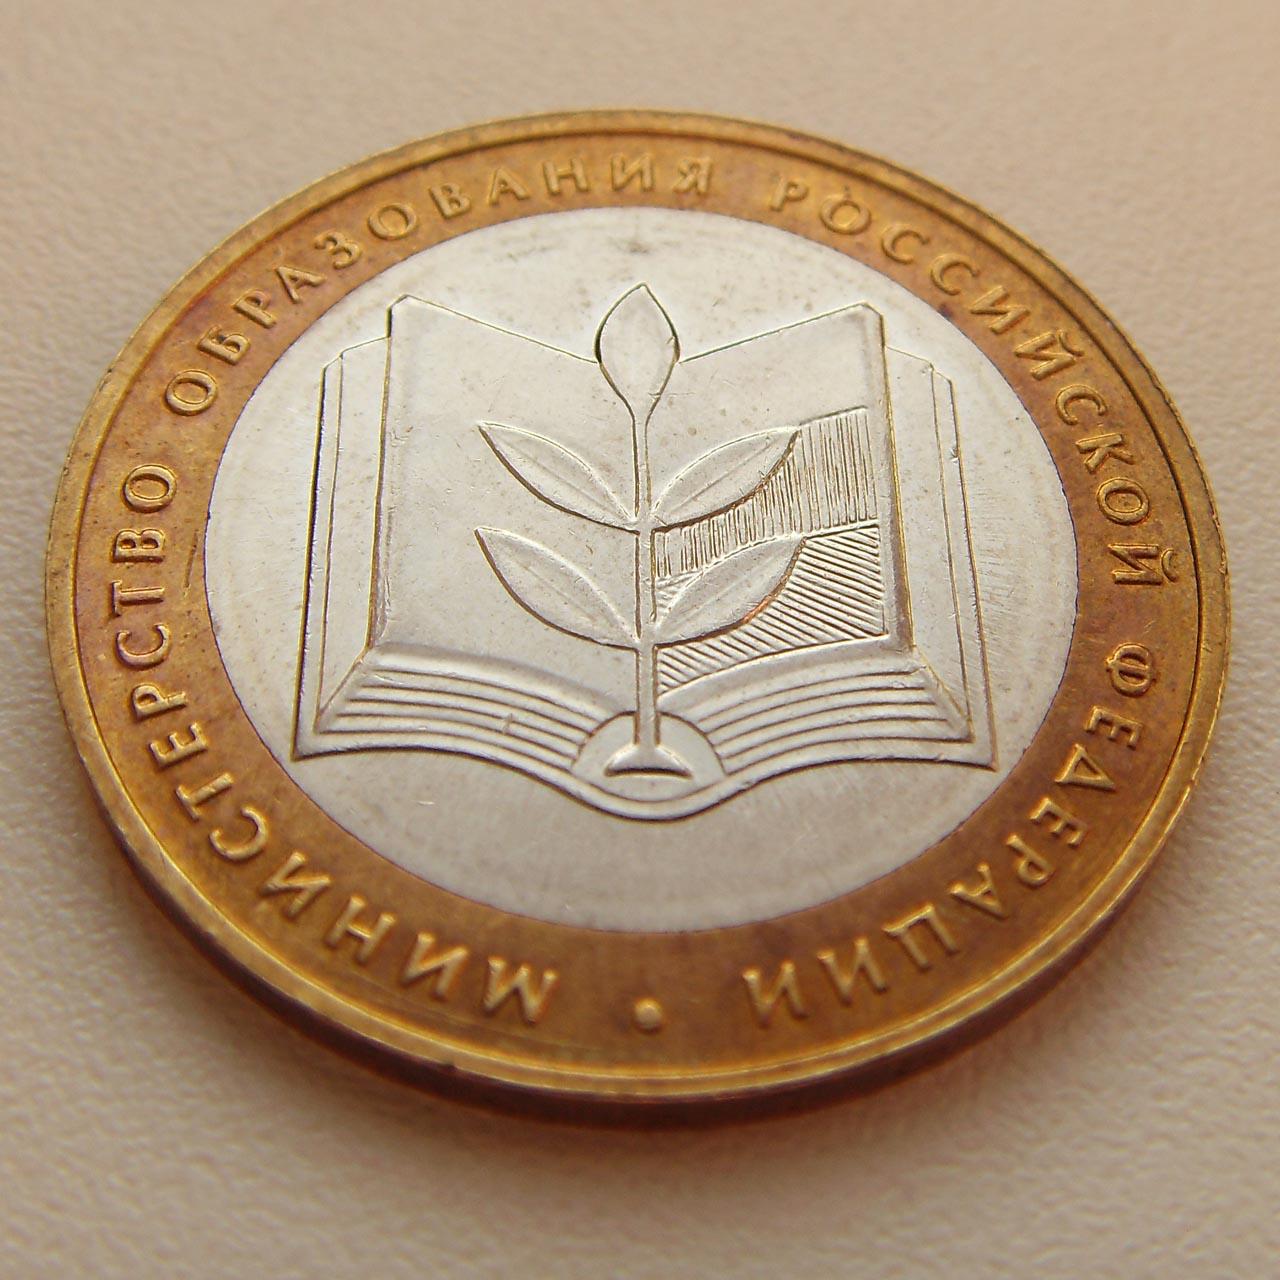 10 рублей министерство образования 2 евро регулярные цена